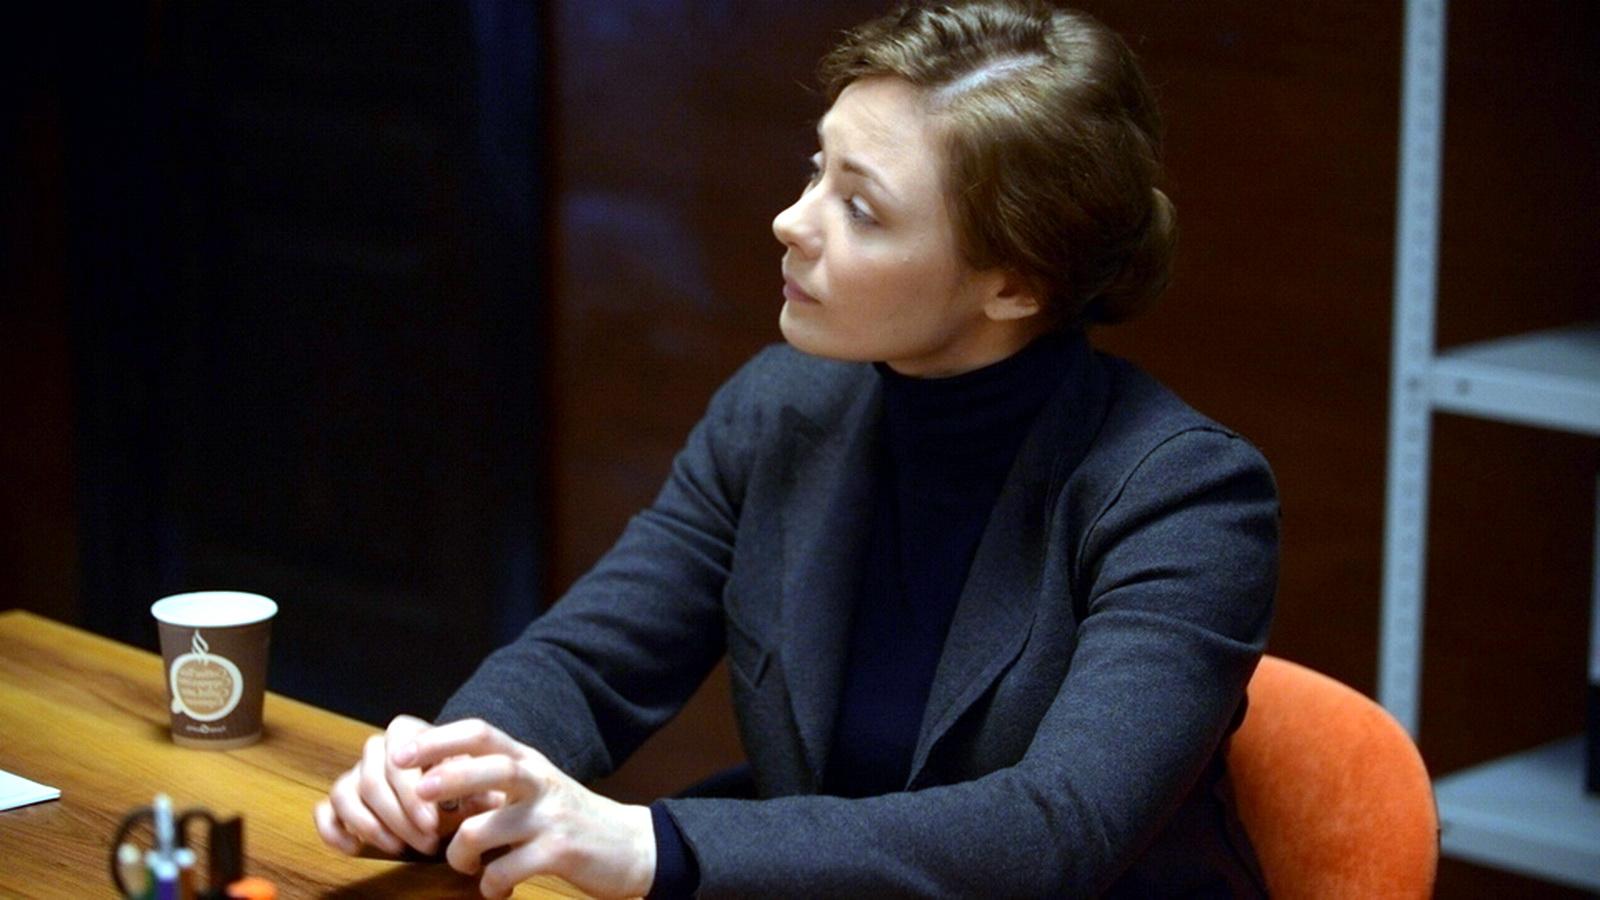 Карина Разумовская в сериале Мажор 2 сезон